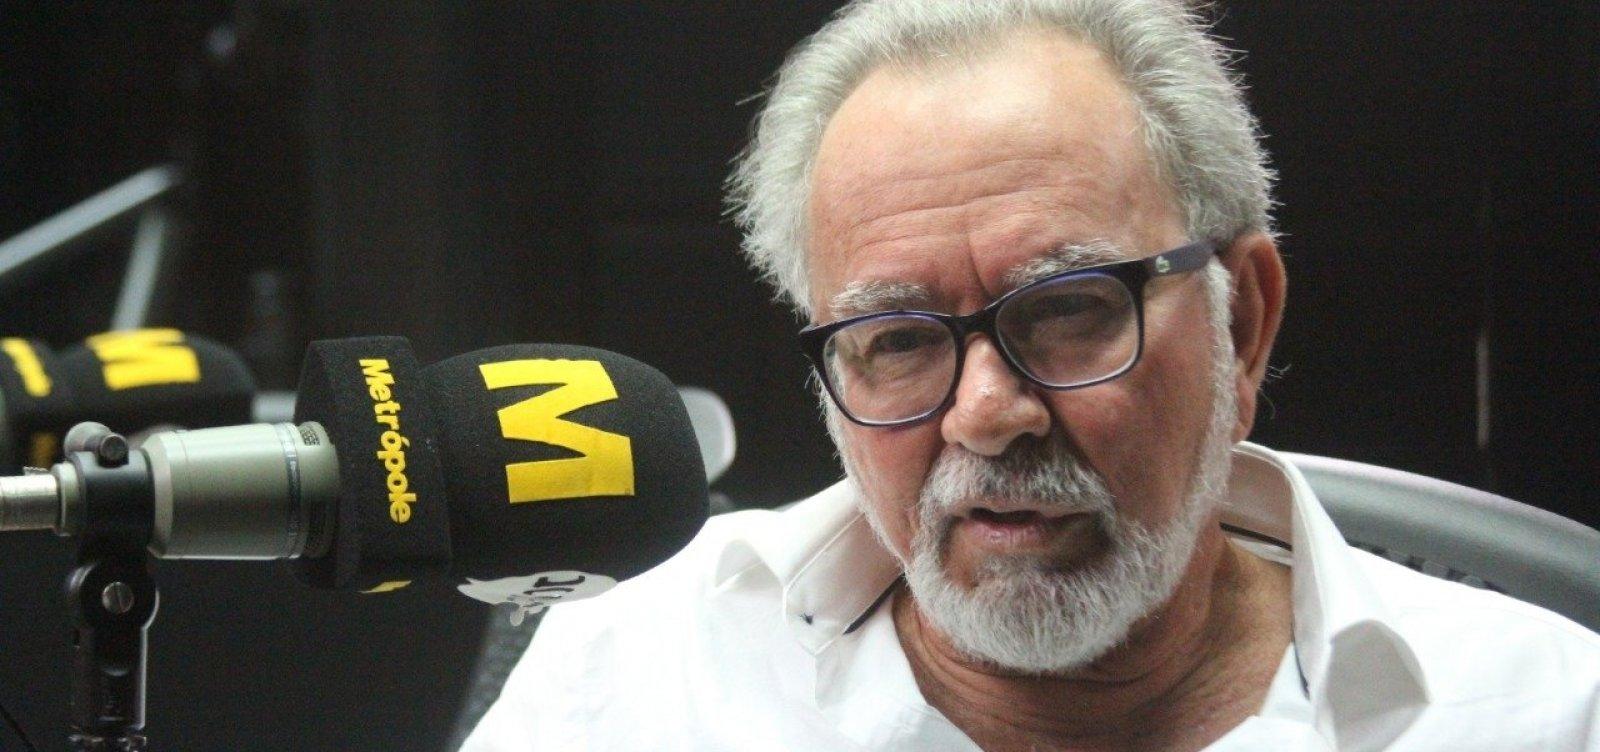 ['Minhas contas com a ditadura foram ajustadas', diz Aécio Pamponet]